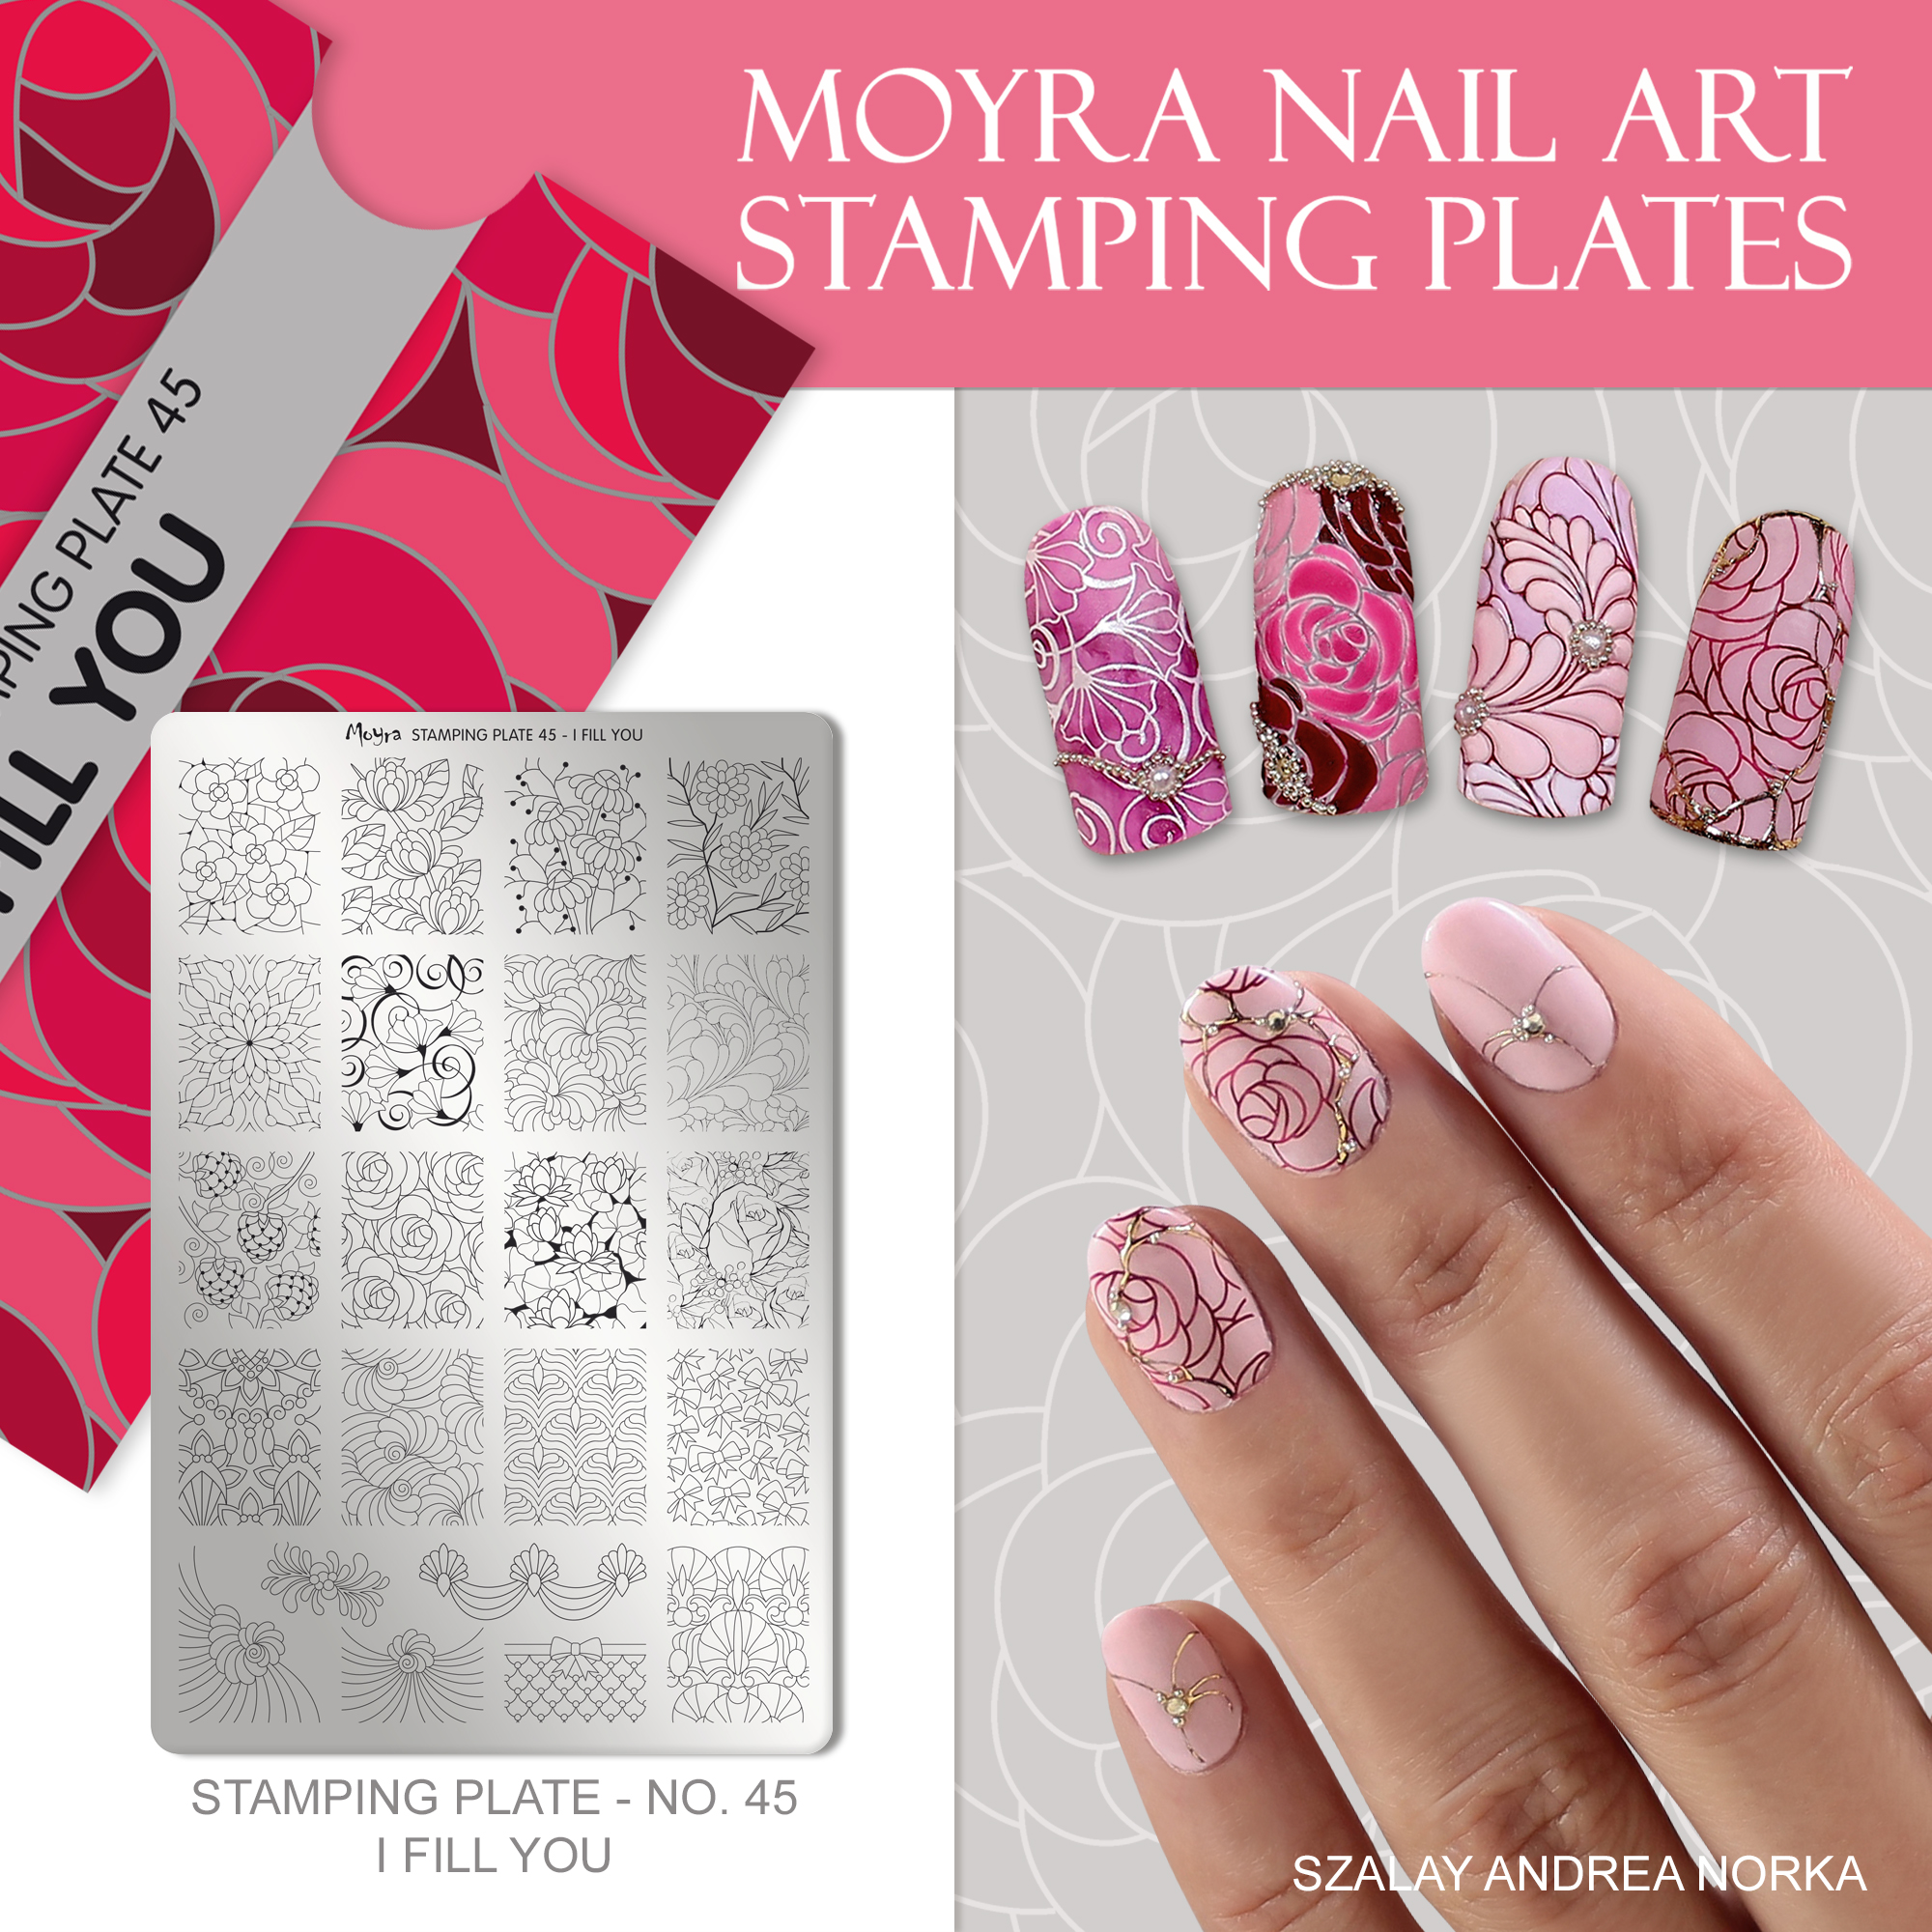 Moyra Nail Art Stamping Plate No. 45 I fill you